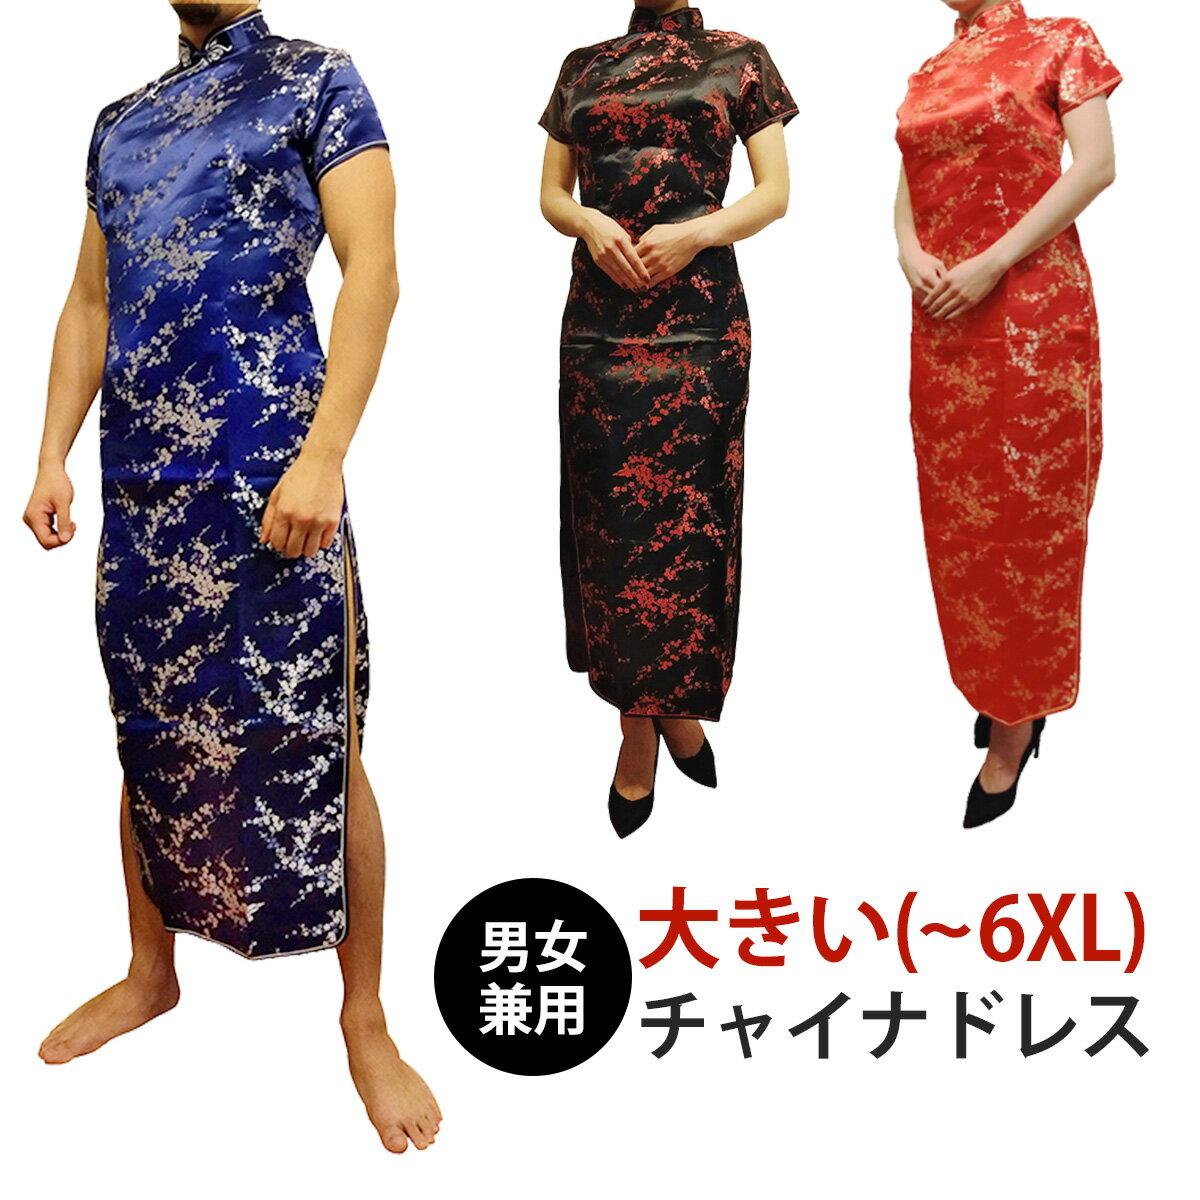 Veroman チャイナドレス 大きいサイズ チャイナ服 コスプレ メンズ 女装可 #PPI